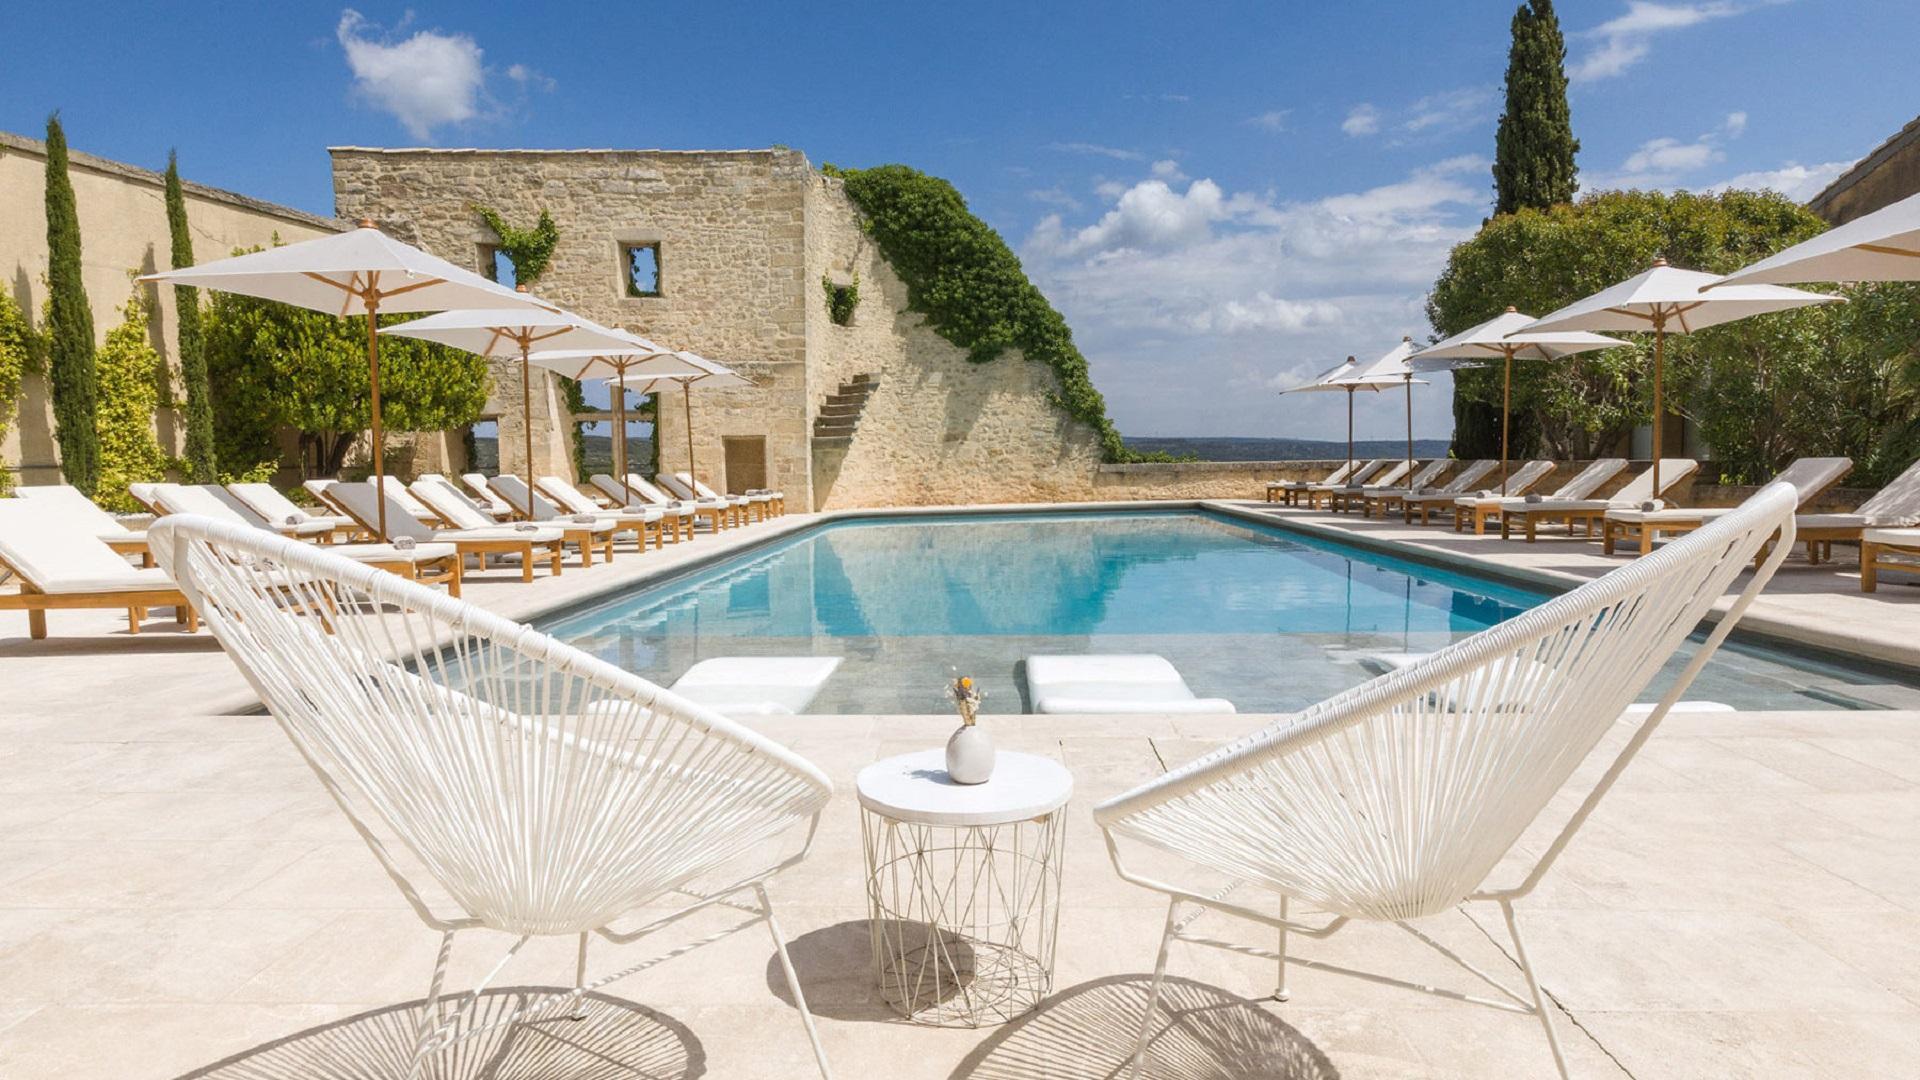 le-vieux-castillon-pont-du-gard-provence-piscine-seminaires-de-caractere